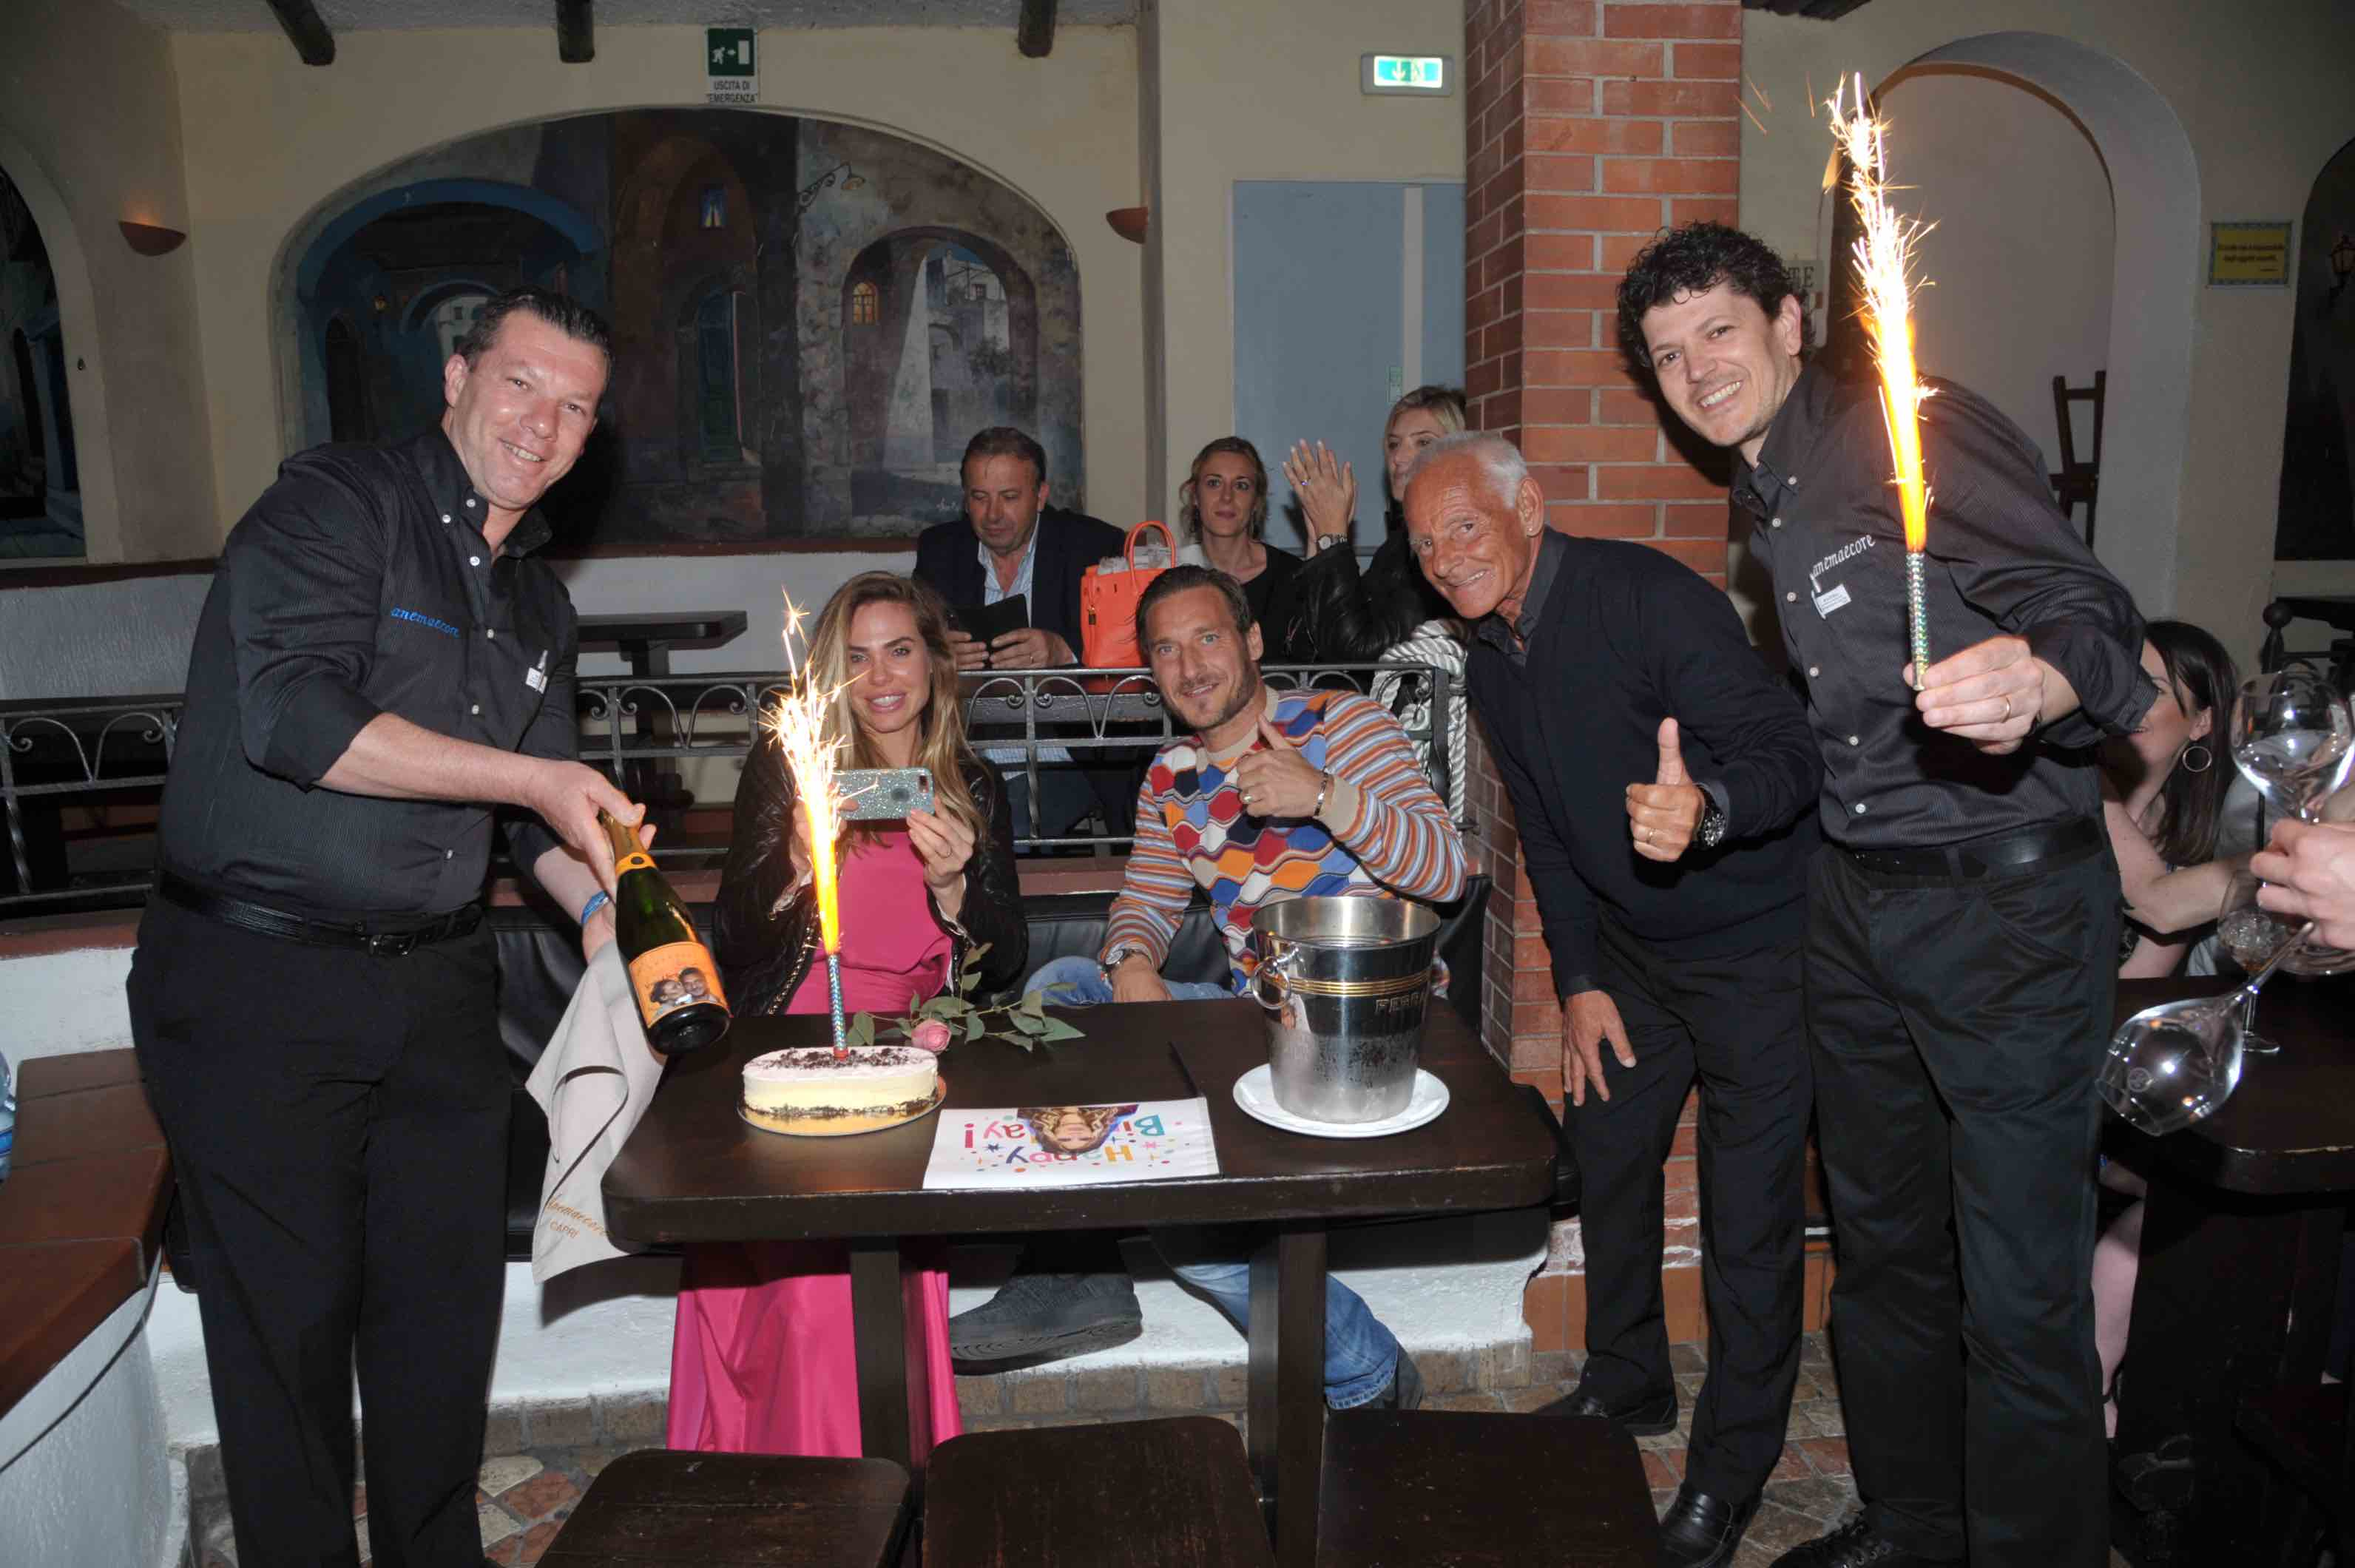 Vip a Capri: Torta di Compleanno per Ilary Blasi in compagnia del marito Francesco Totti alla Taverna Anema e Core